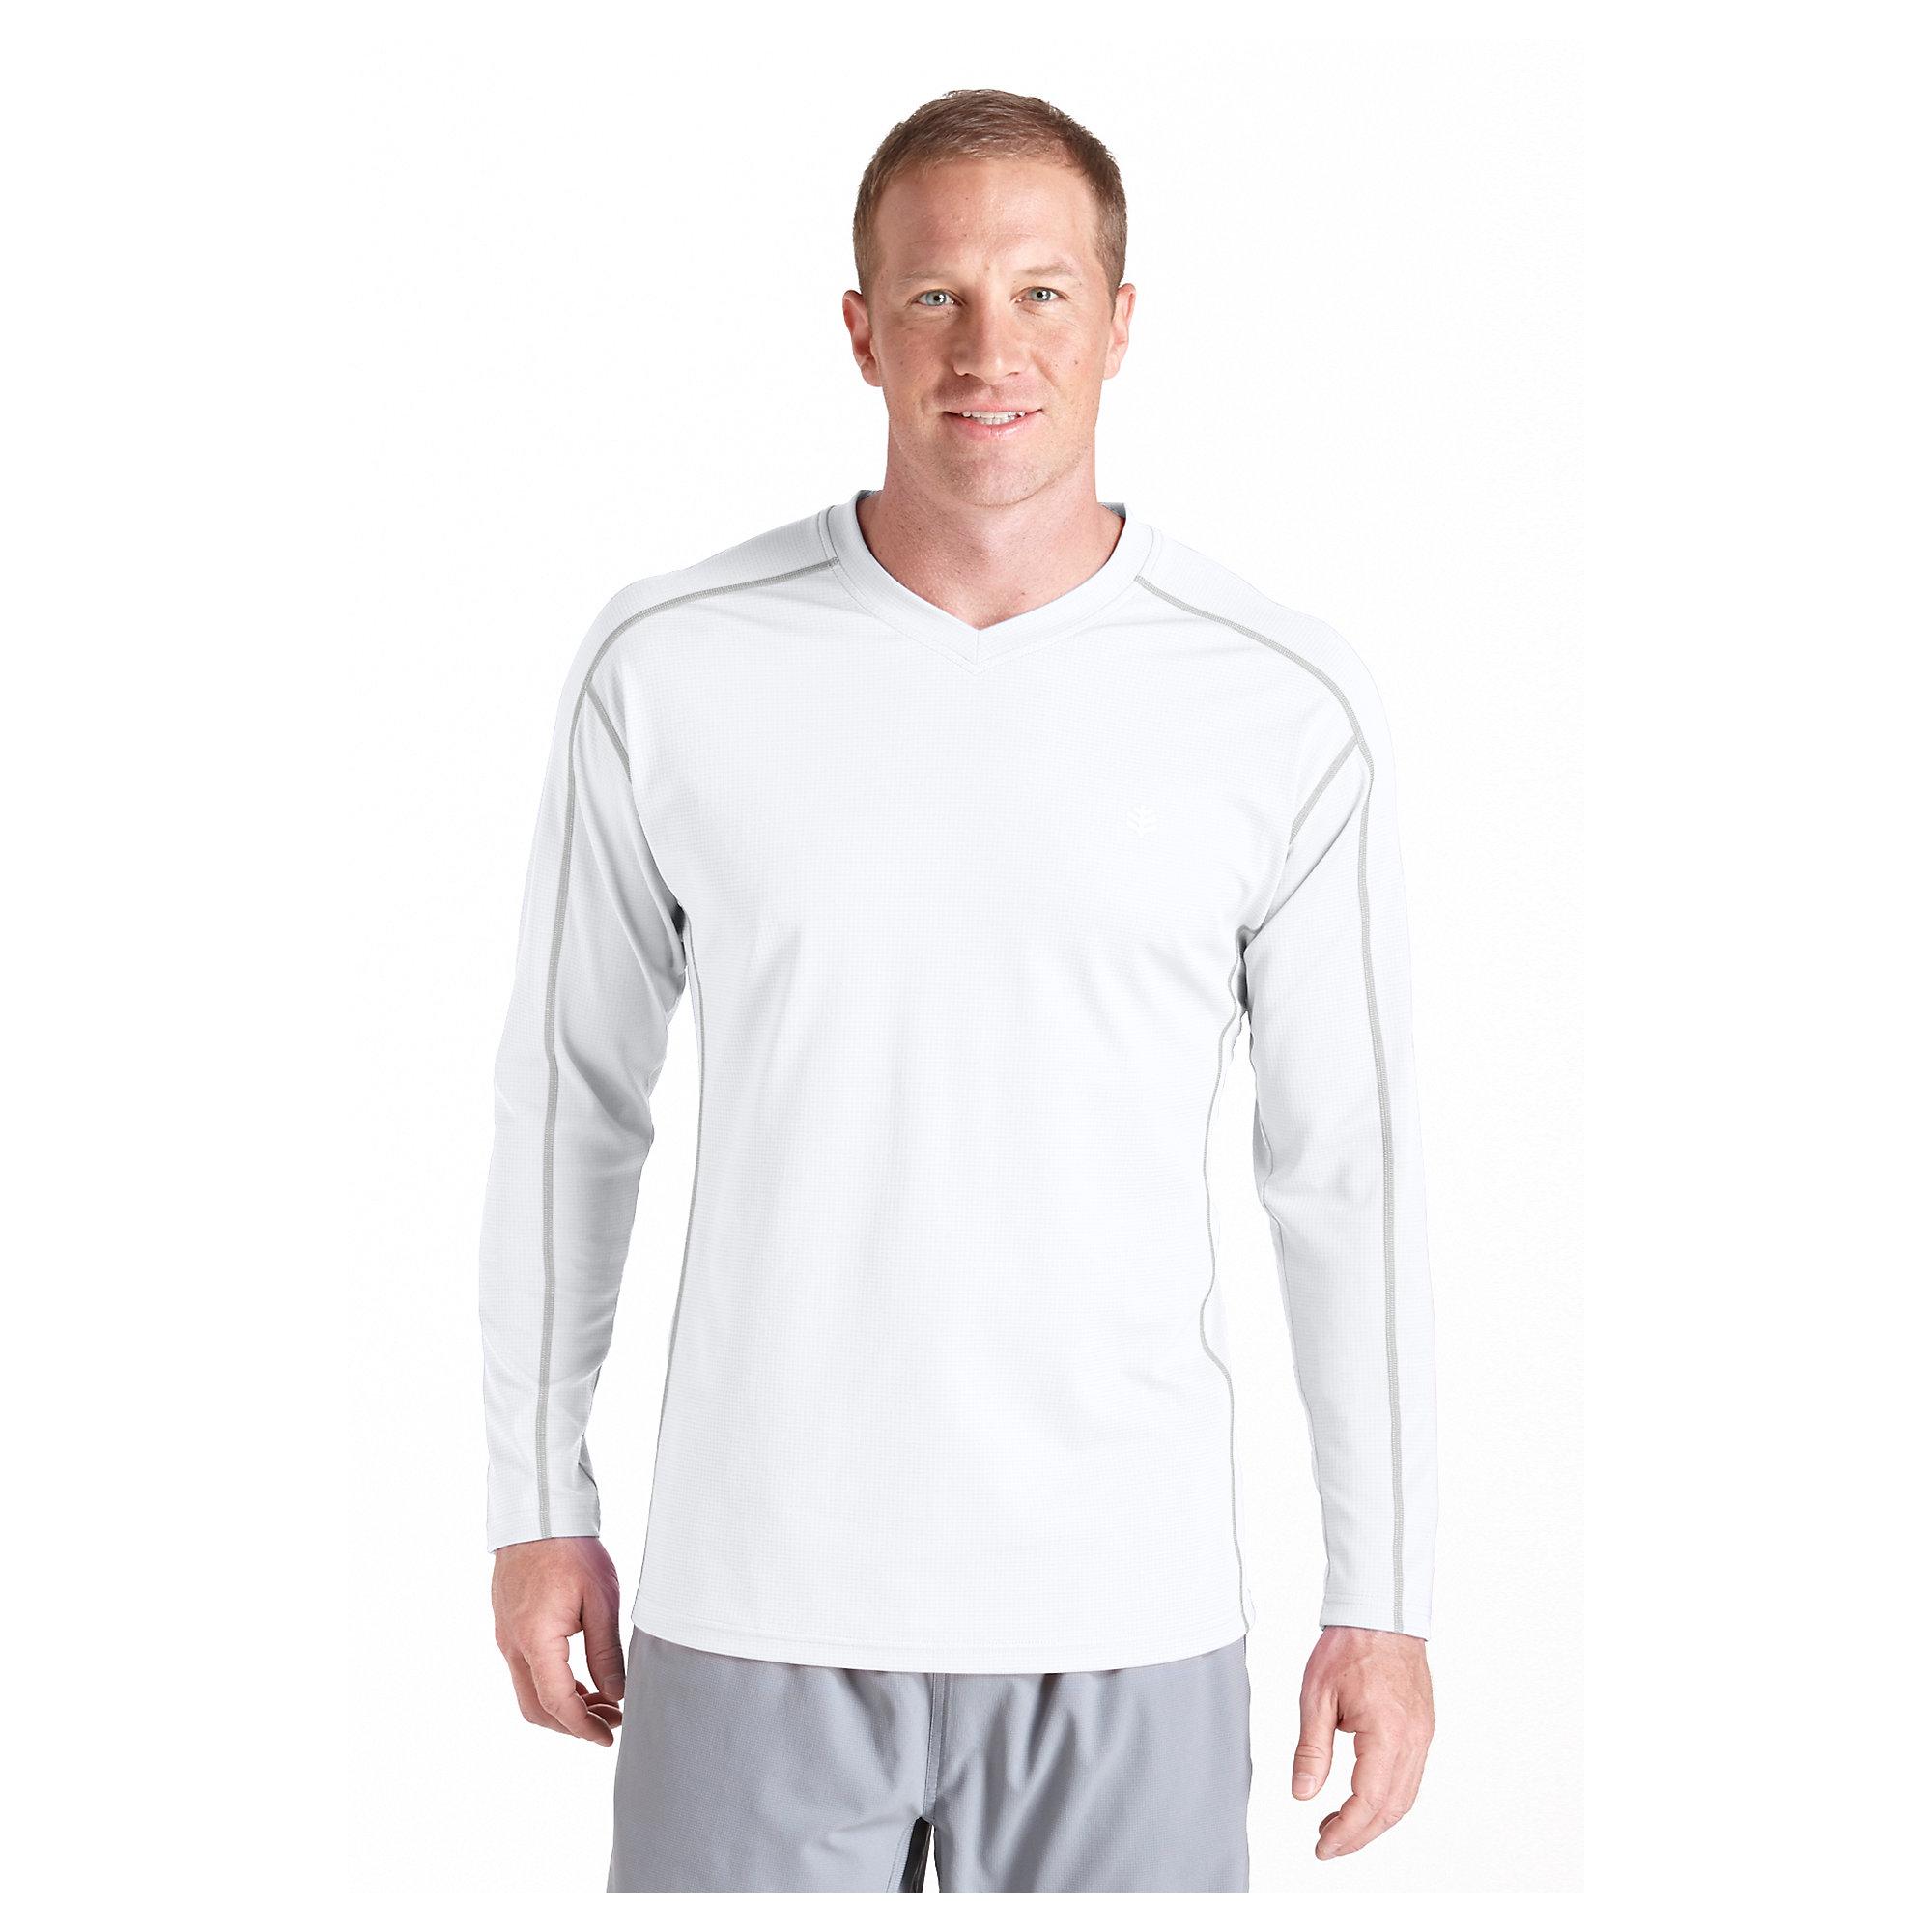 coolibar upf 50 mens long sleeve cool fitness shirt sun